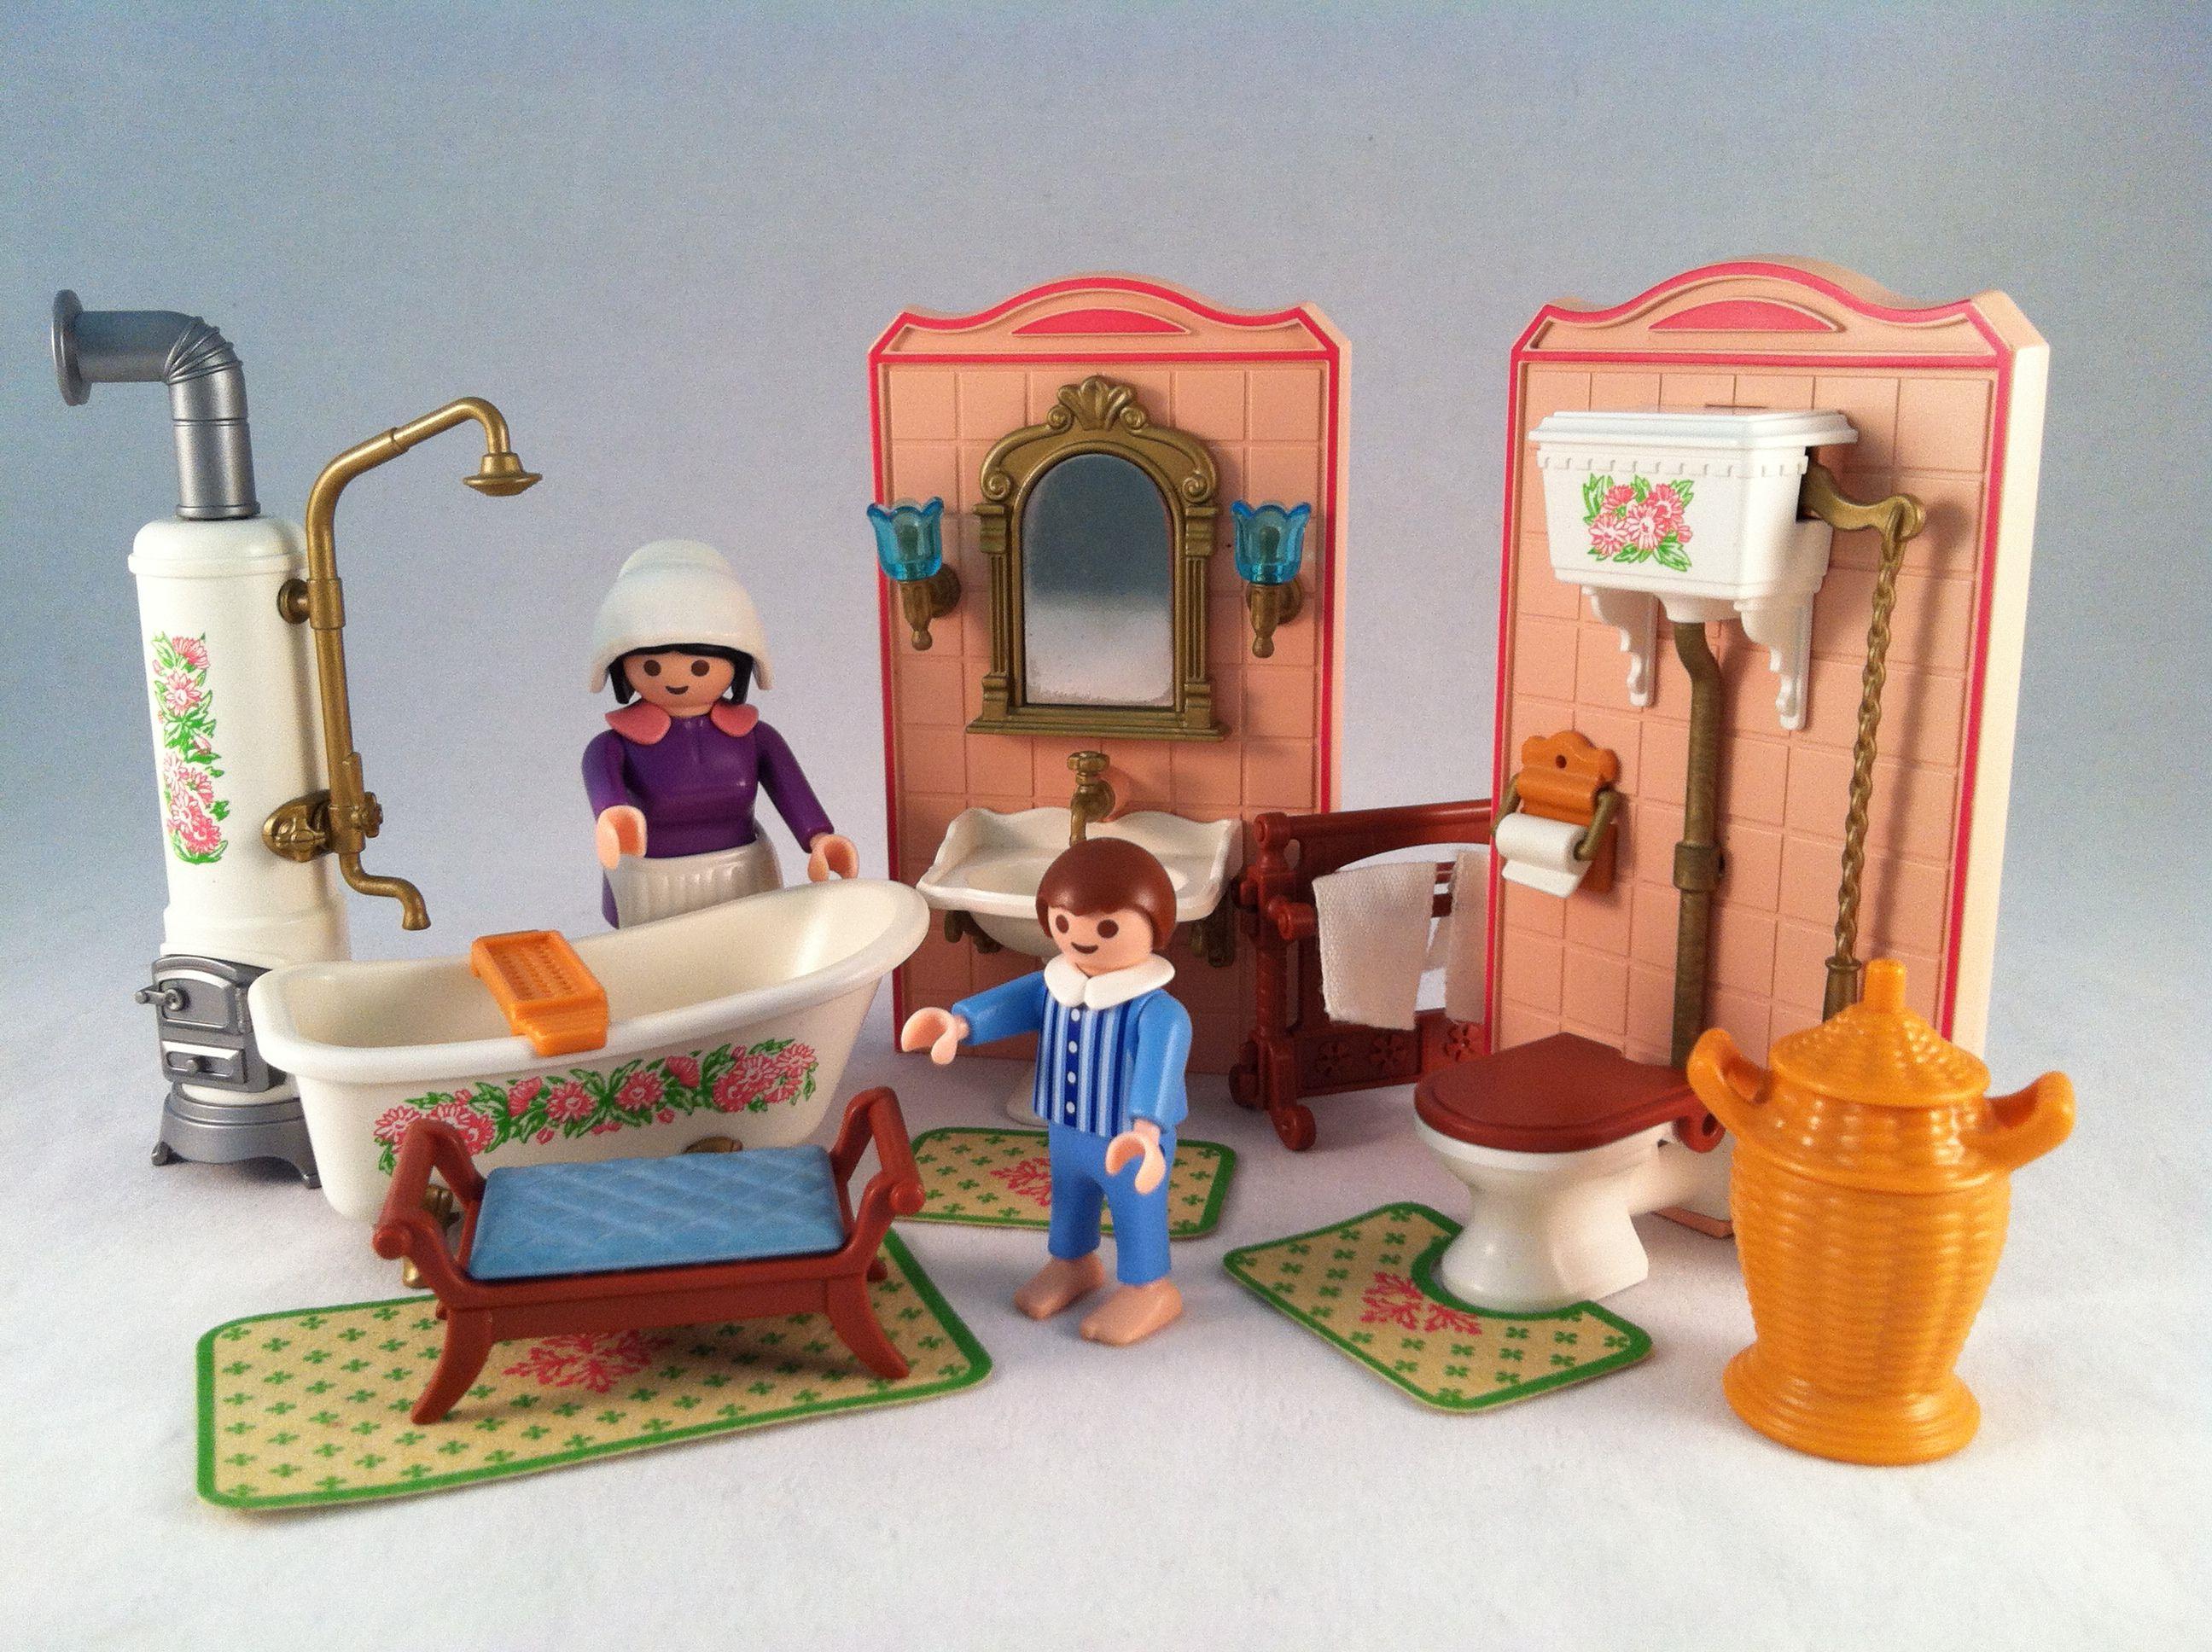 La nourrice prépare le bain pour l'enfant